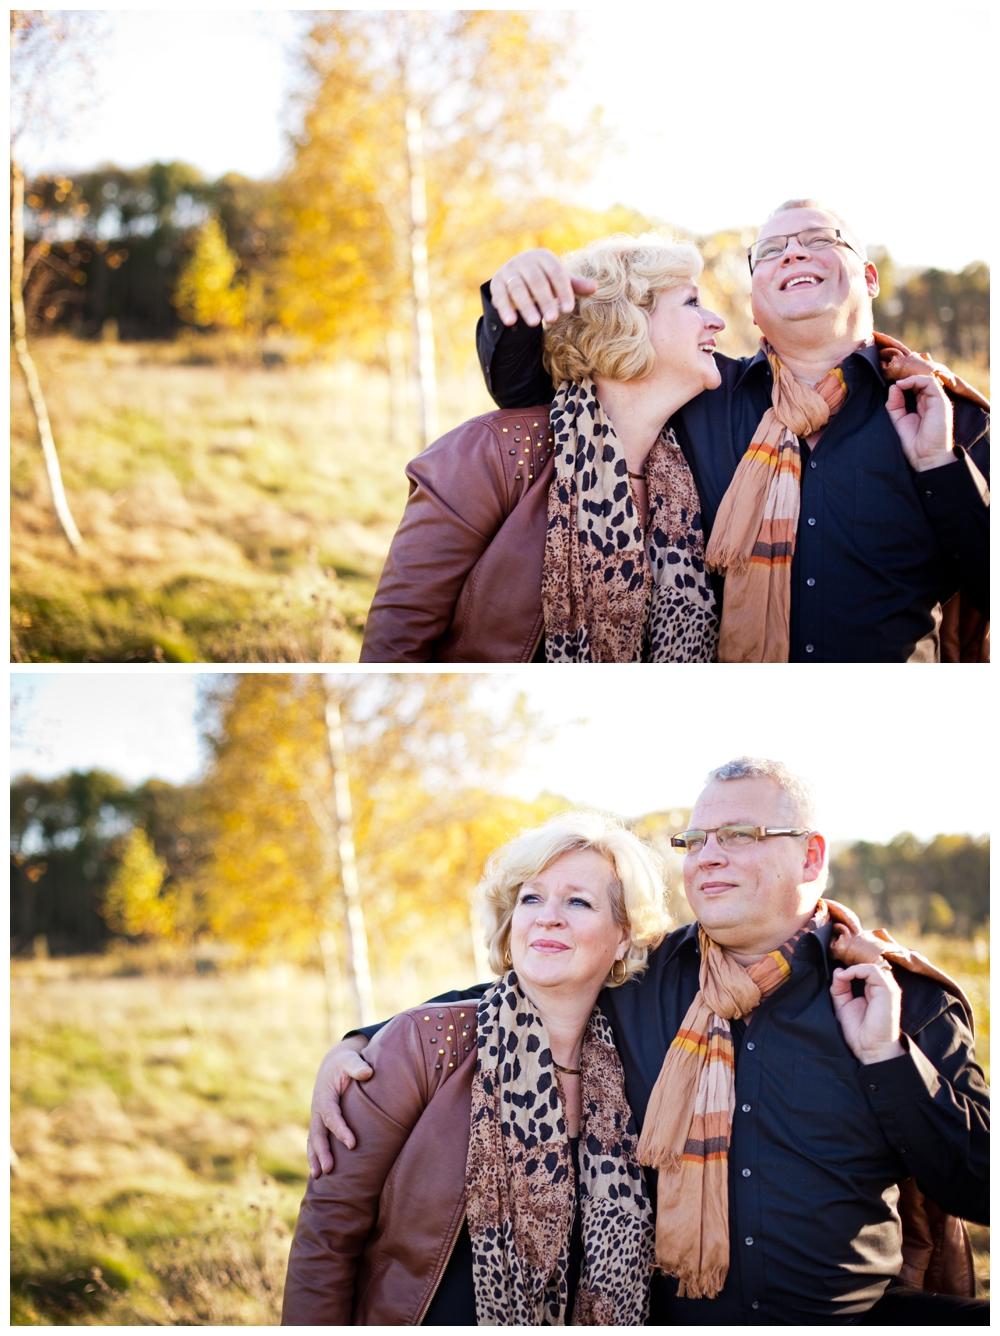 Loveshoot Freek&Liesbeth - Debora Yari Fotografie051